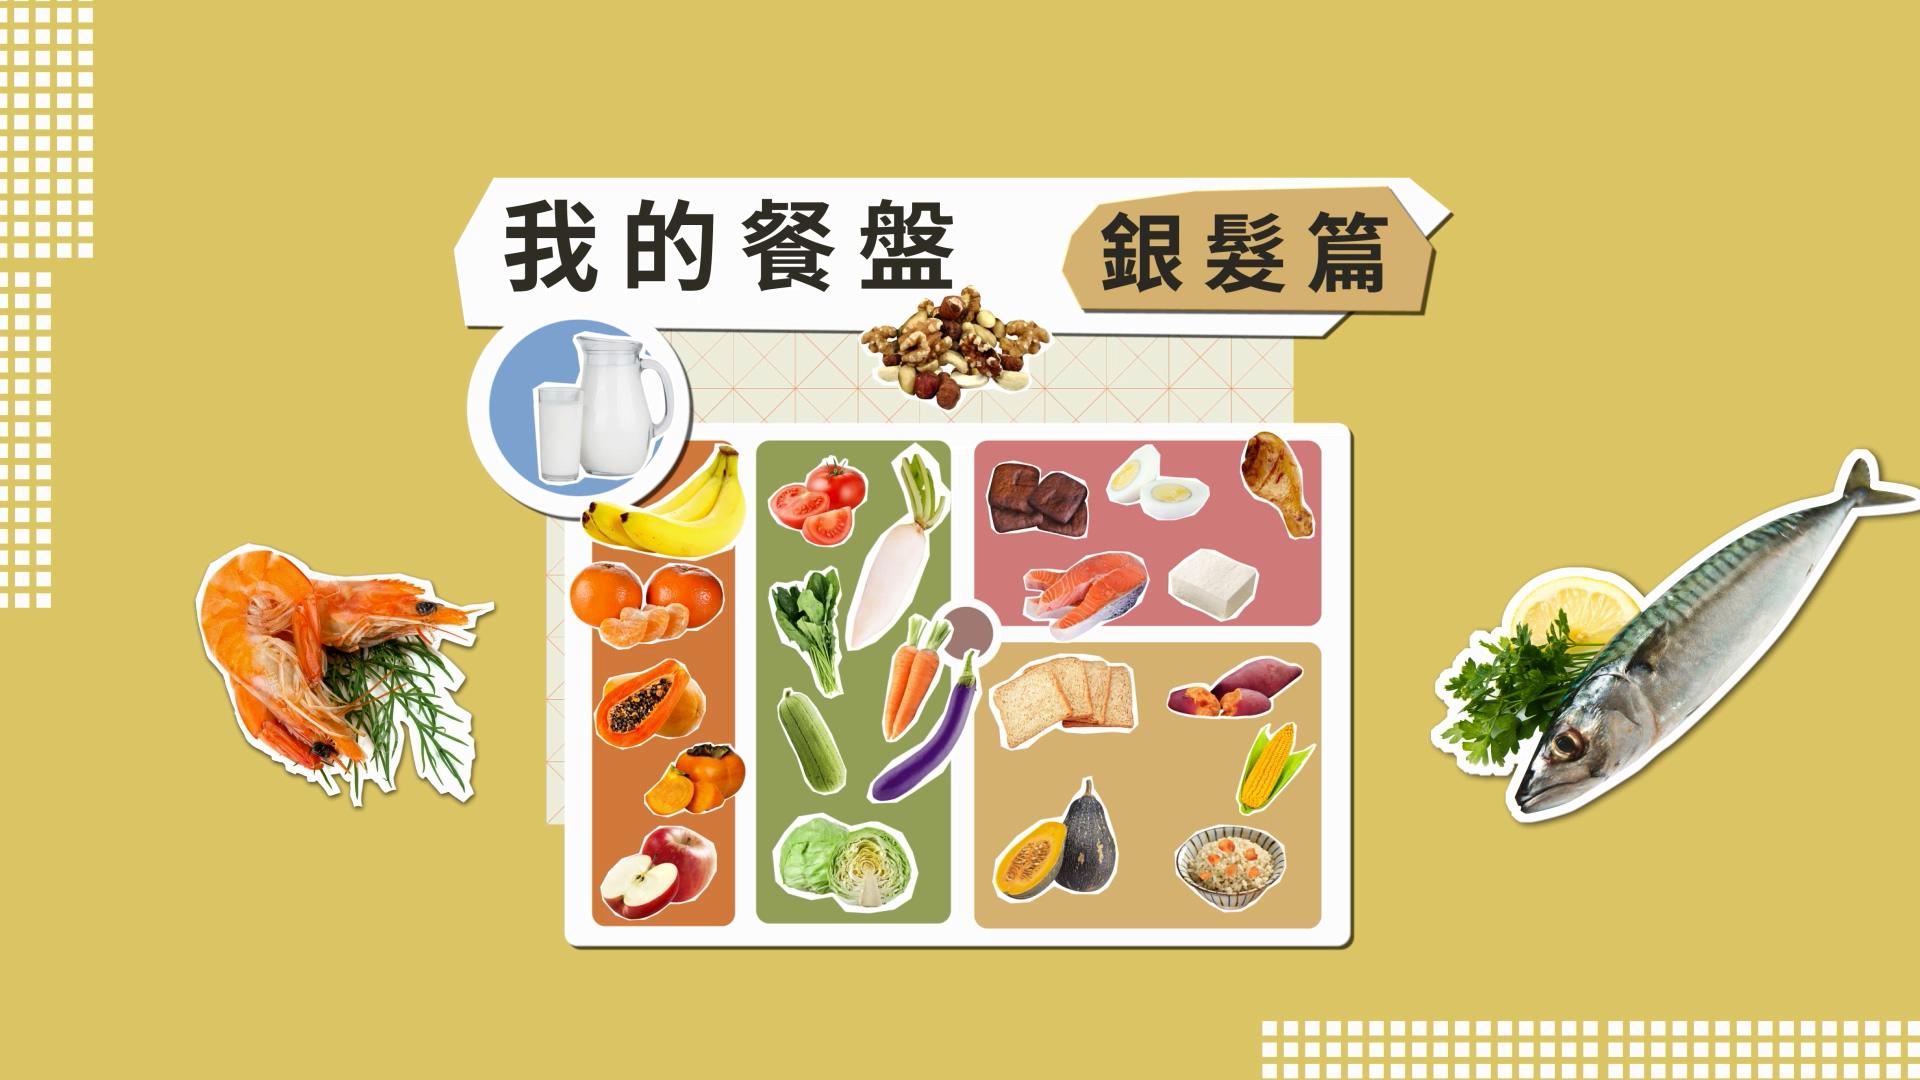 「我的餐盤」均衡飲食_銀髮篇(影片)